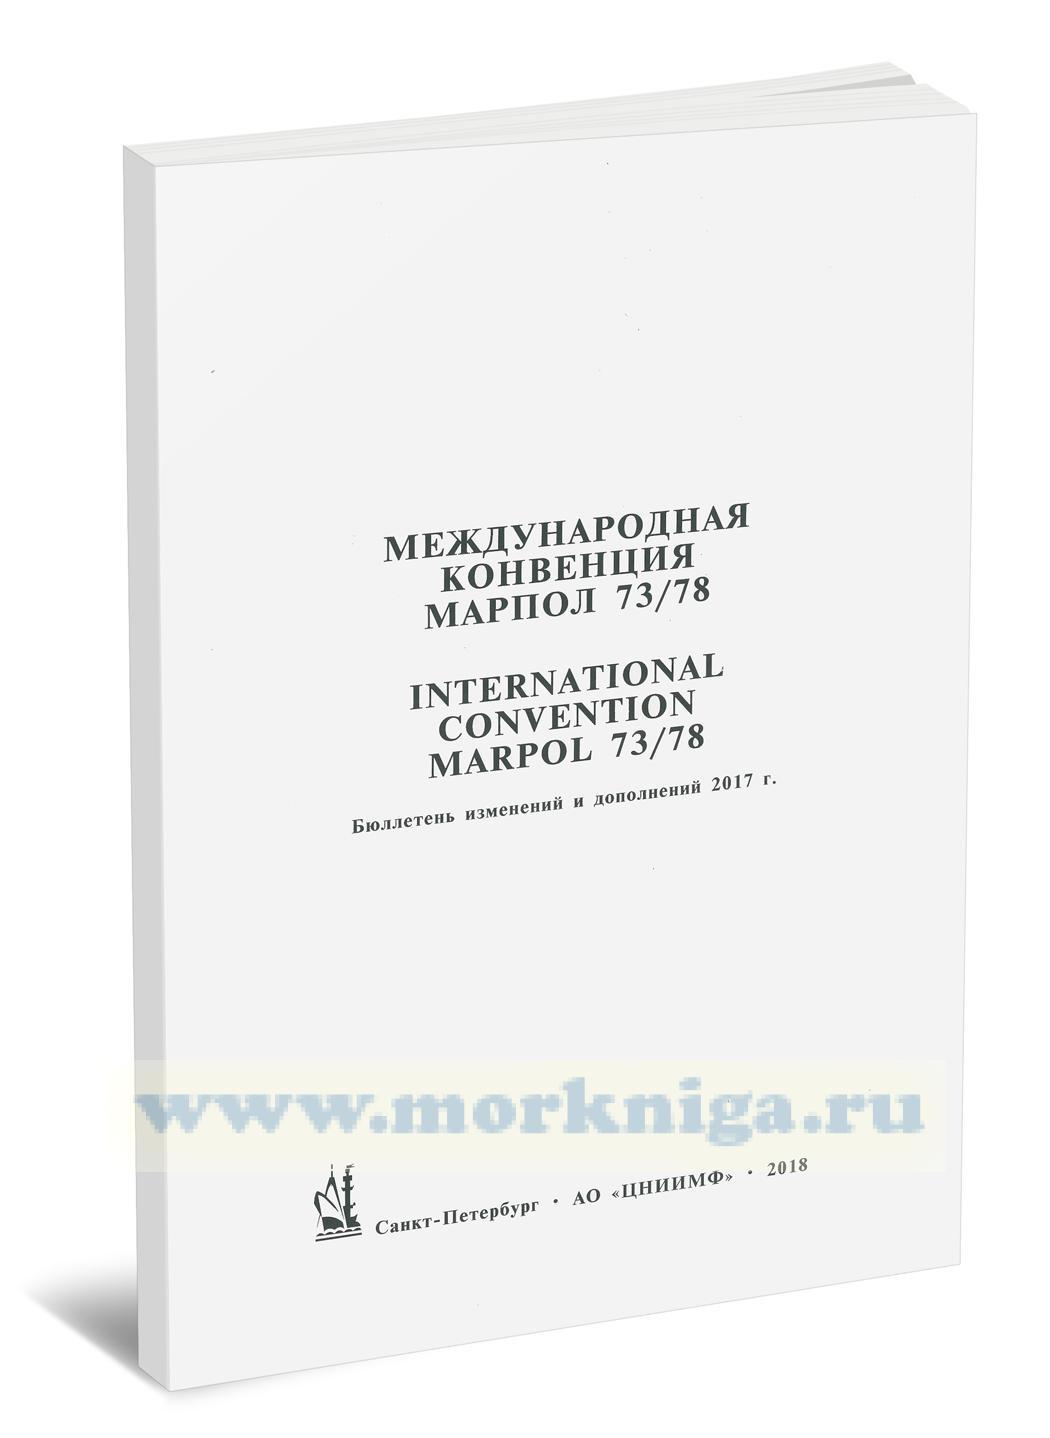 Бюллетень изменений и дополнений 2017 г. к Конвенции МАРПОЛ 73/78 и резолюций Комитета ИМО по защите морской среды от загрязнения с судов